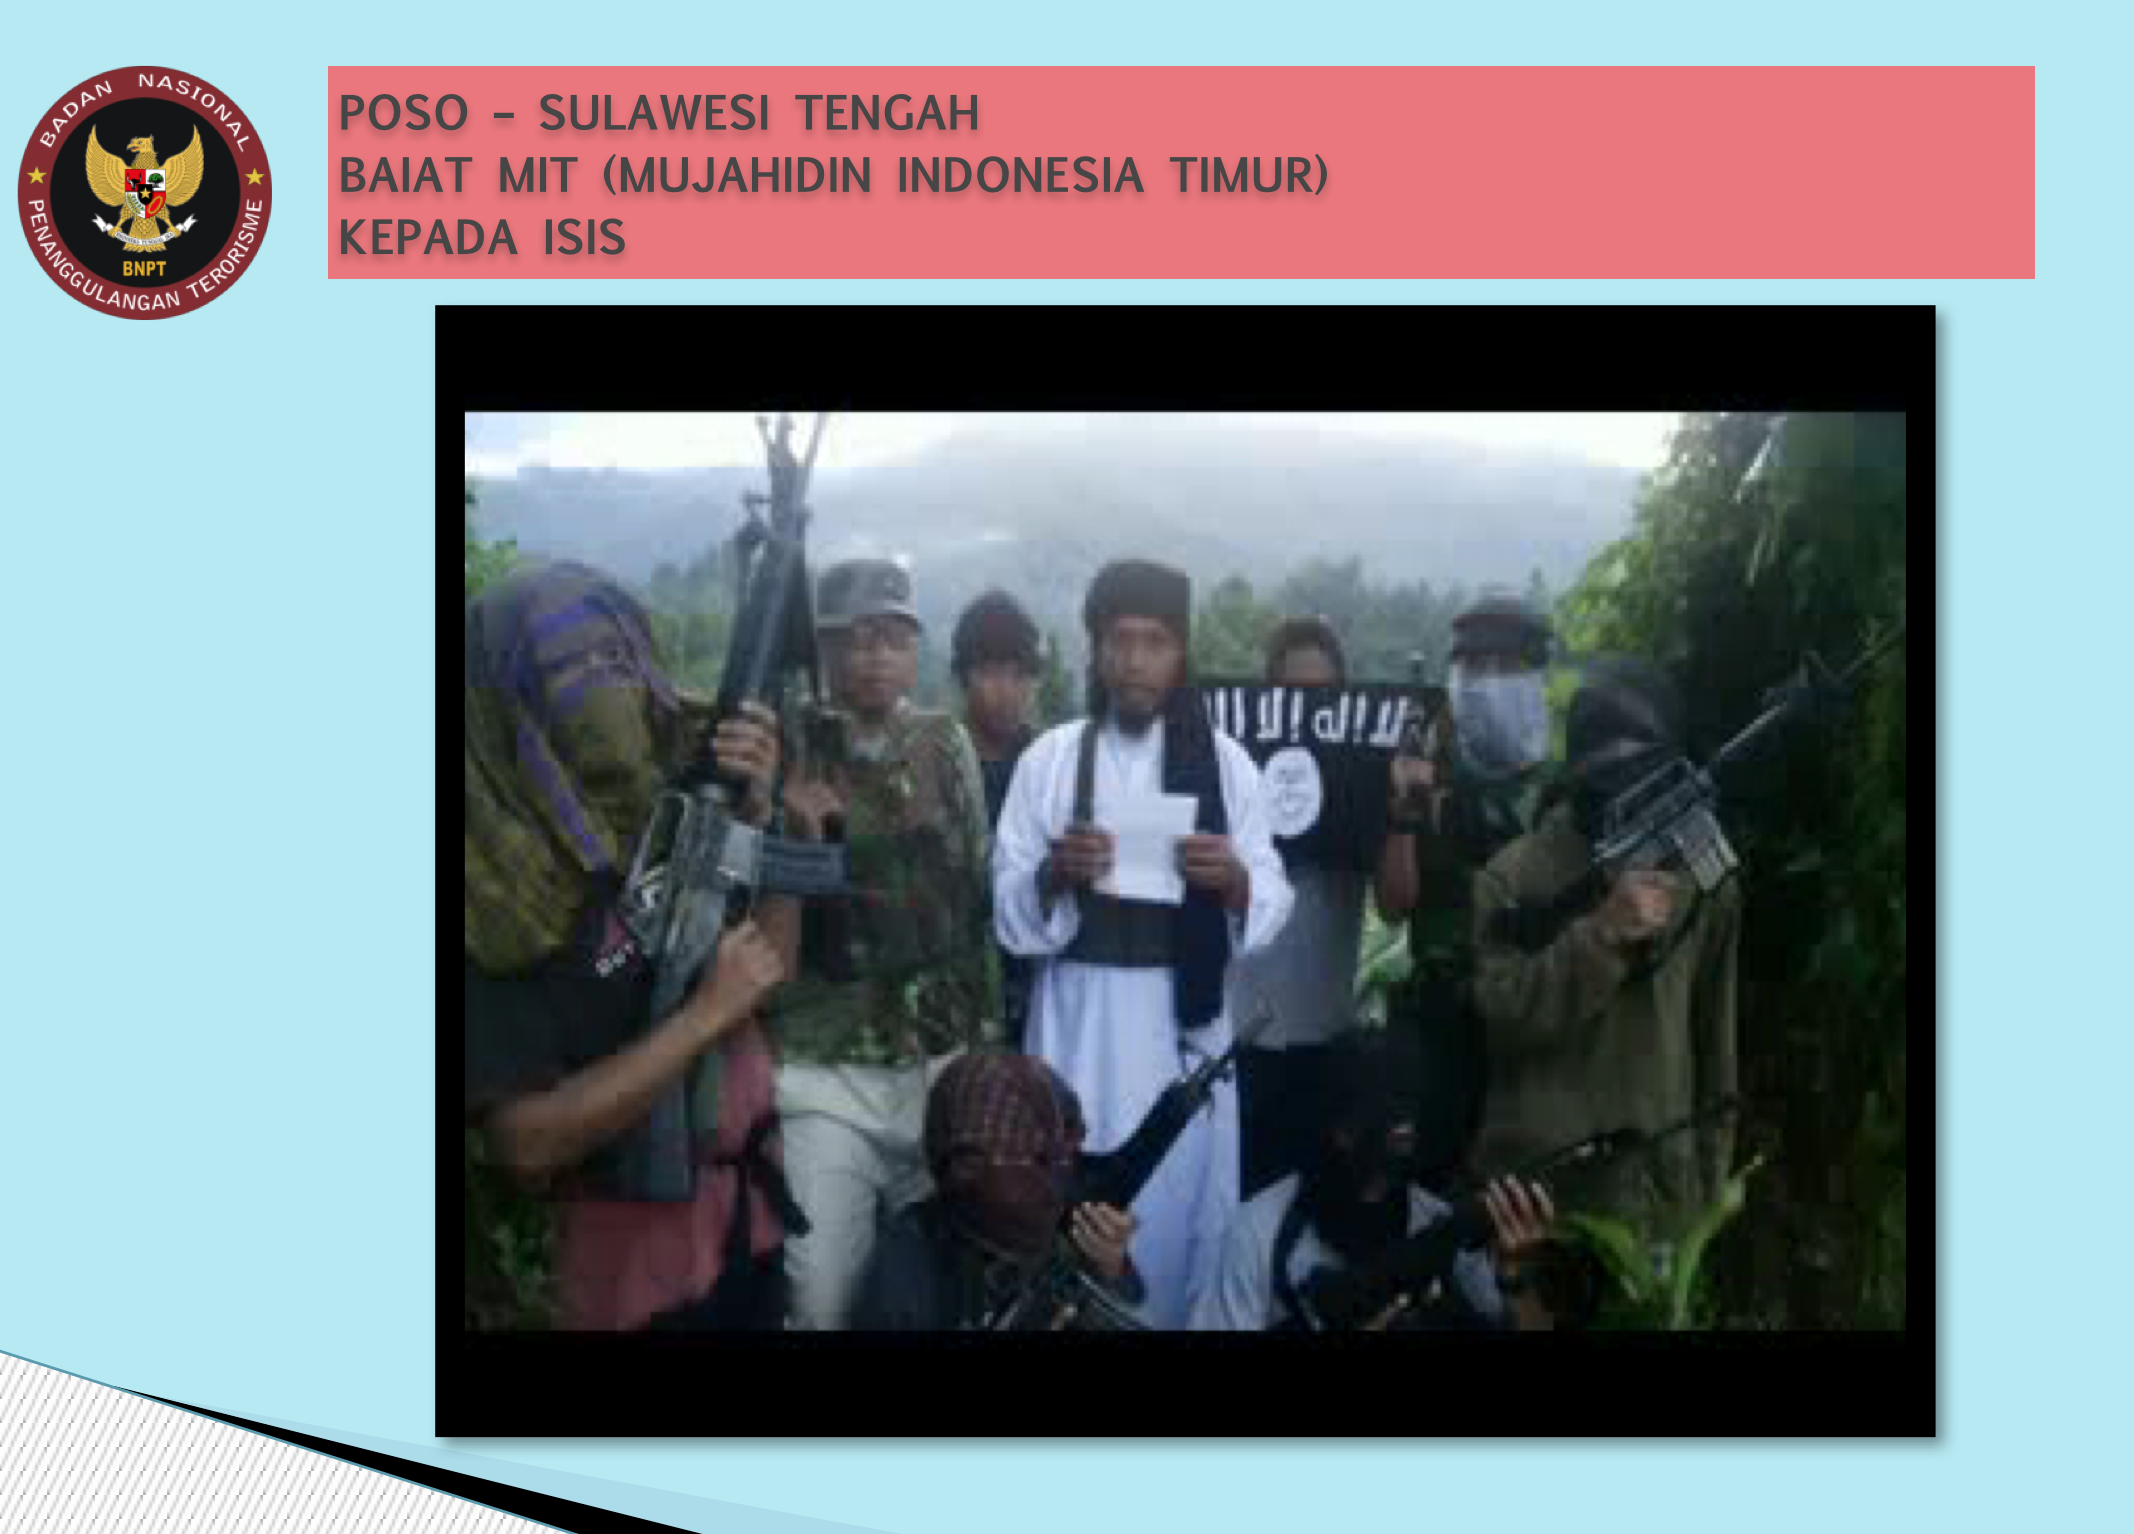 DIBAI'AT. Kelompok Mujahidin Indonesia Timur dibai'at kepada ISIS. Sumber: BNPT